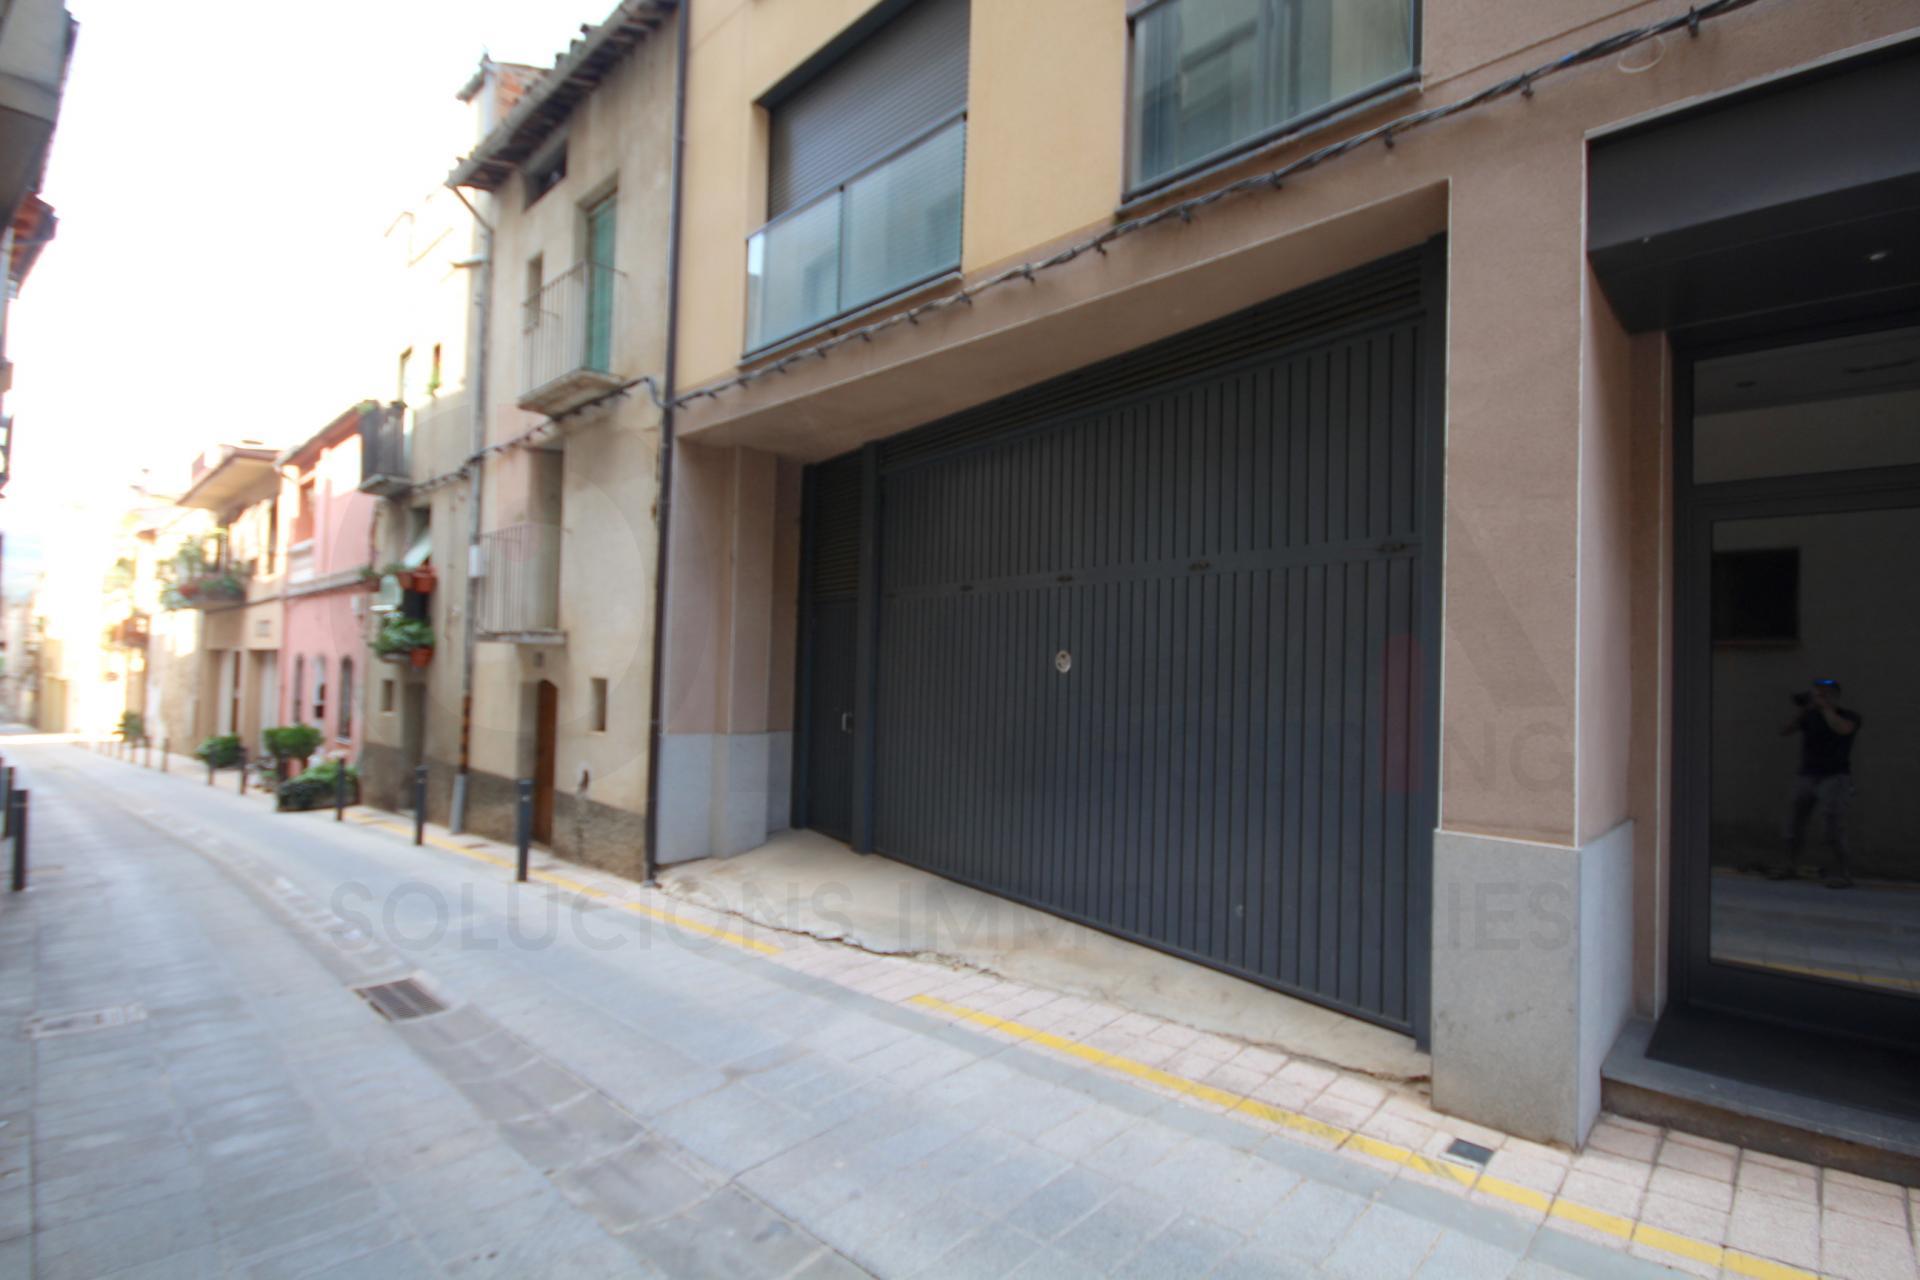 Rent Car parking  Calle del mig, 43. Plaza de pàrquing